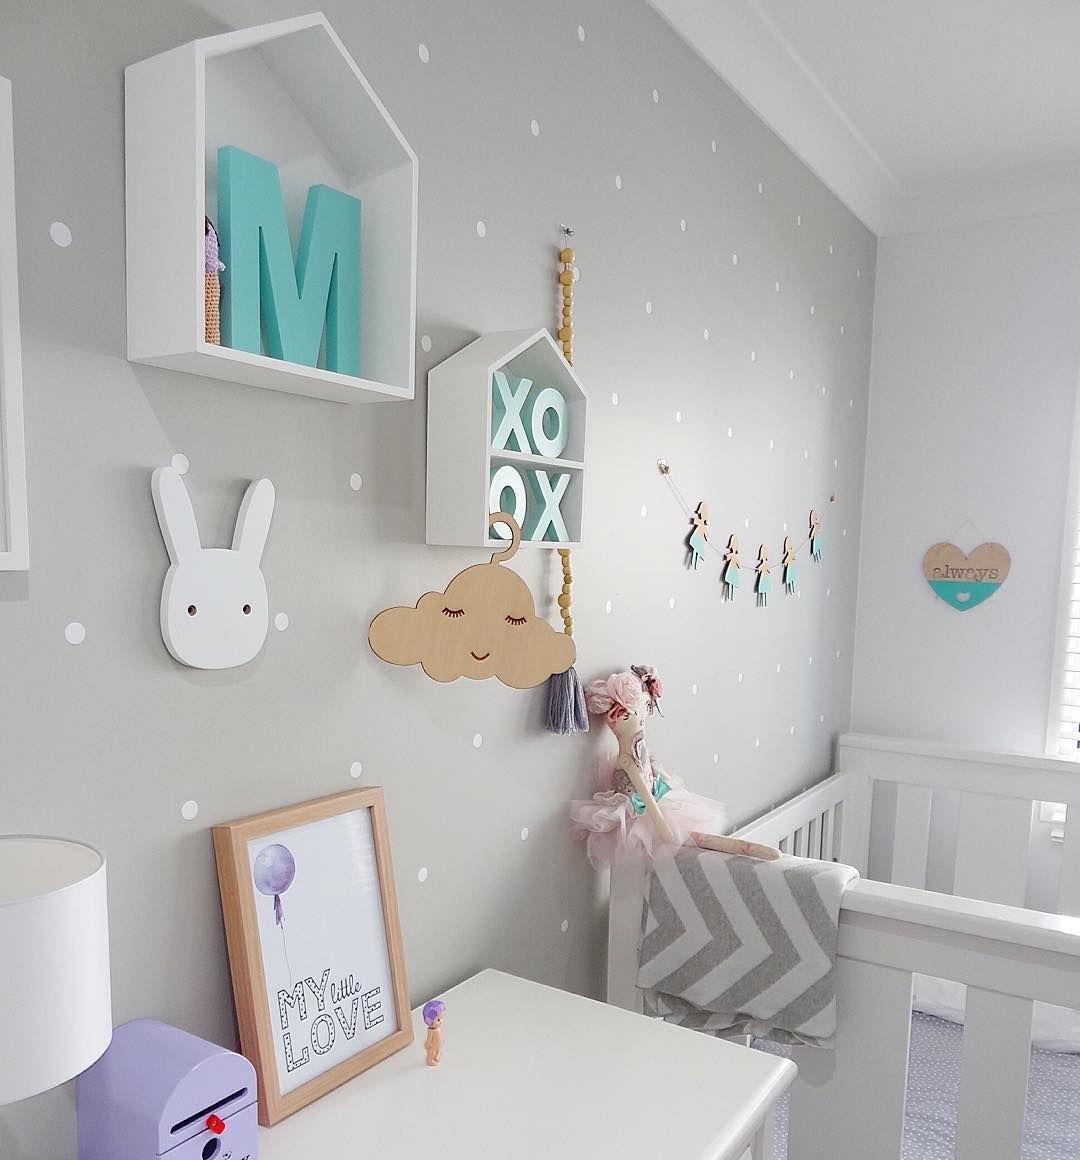 Pin de israel martos en kidsroom decoracion habitacion for Decoracion para habitacion de bebe nina